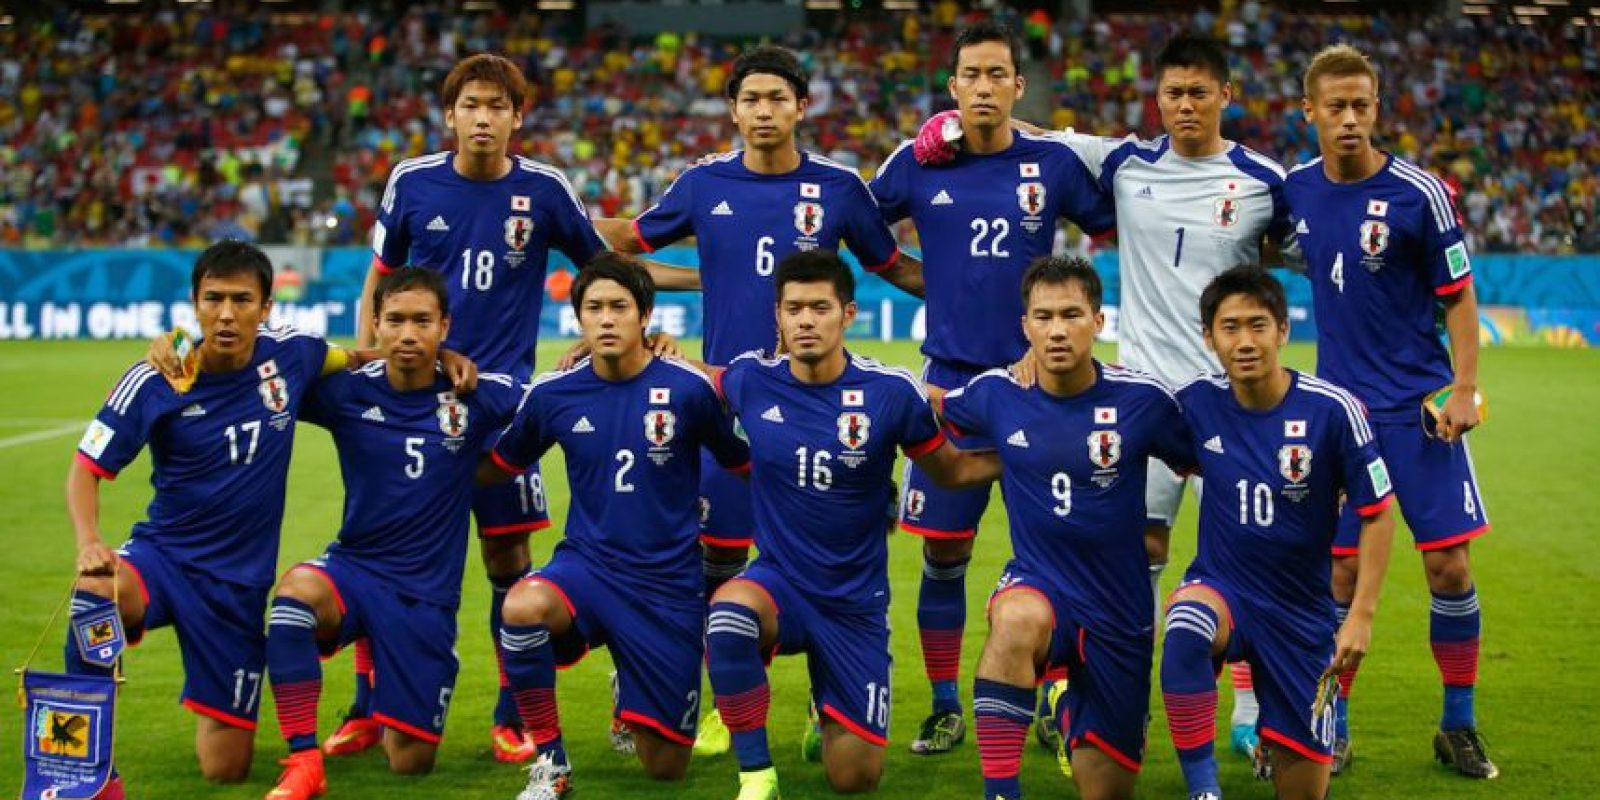 En un suceso sin precedentes, en la Copa América de 1999 hubo un equipo no americano entre los participantes. Se trató de Japón. Los asiáticos acudieron a la cita pero se quedaron en la fase de grupos con sólo un punto ganado gracias a un empate ante Bolivia. Foto:Getty Images